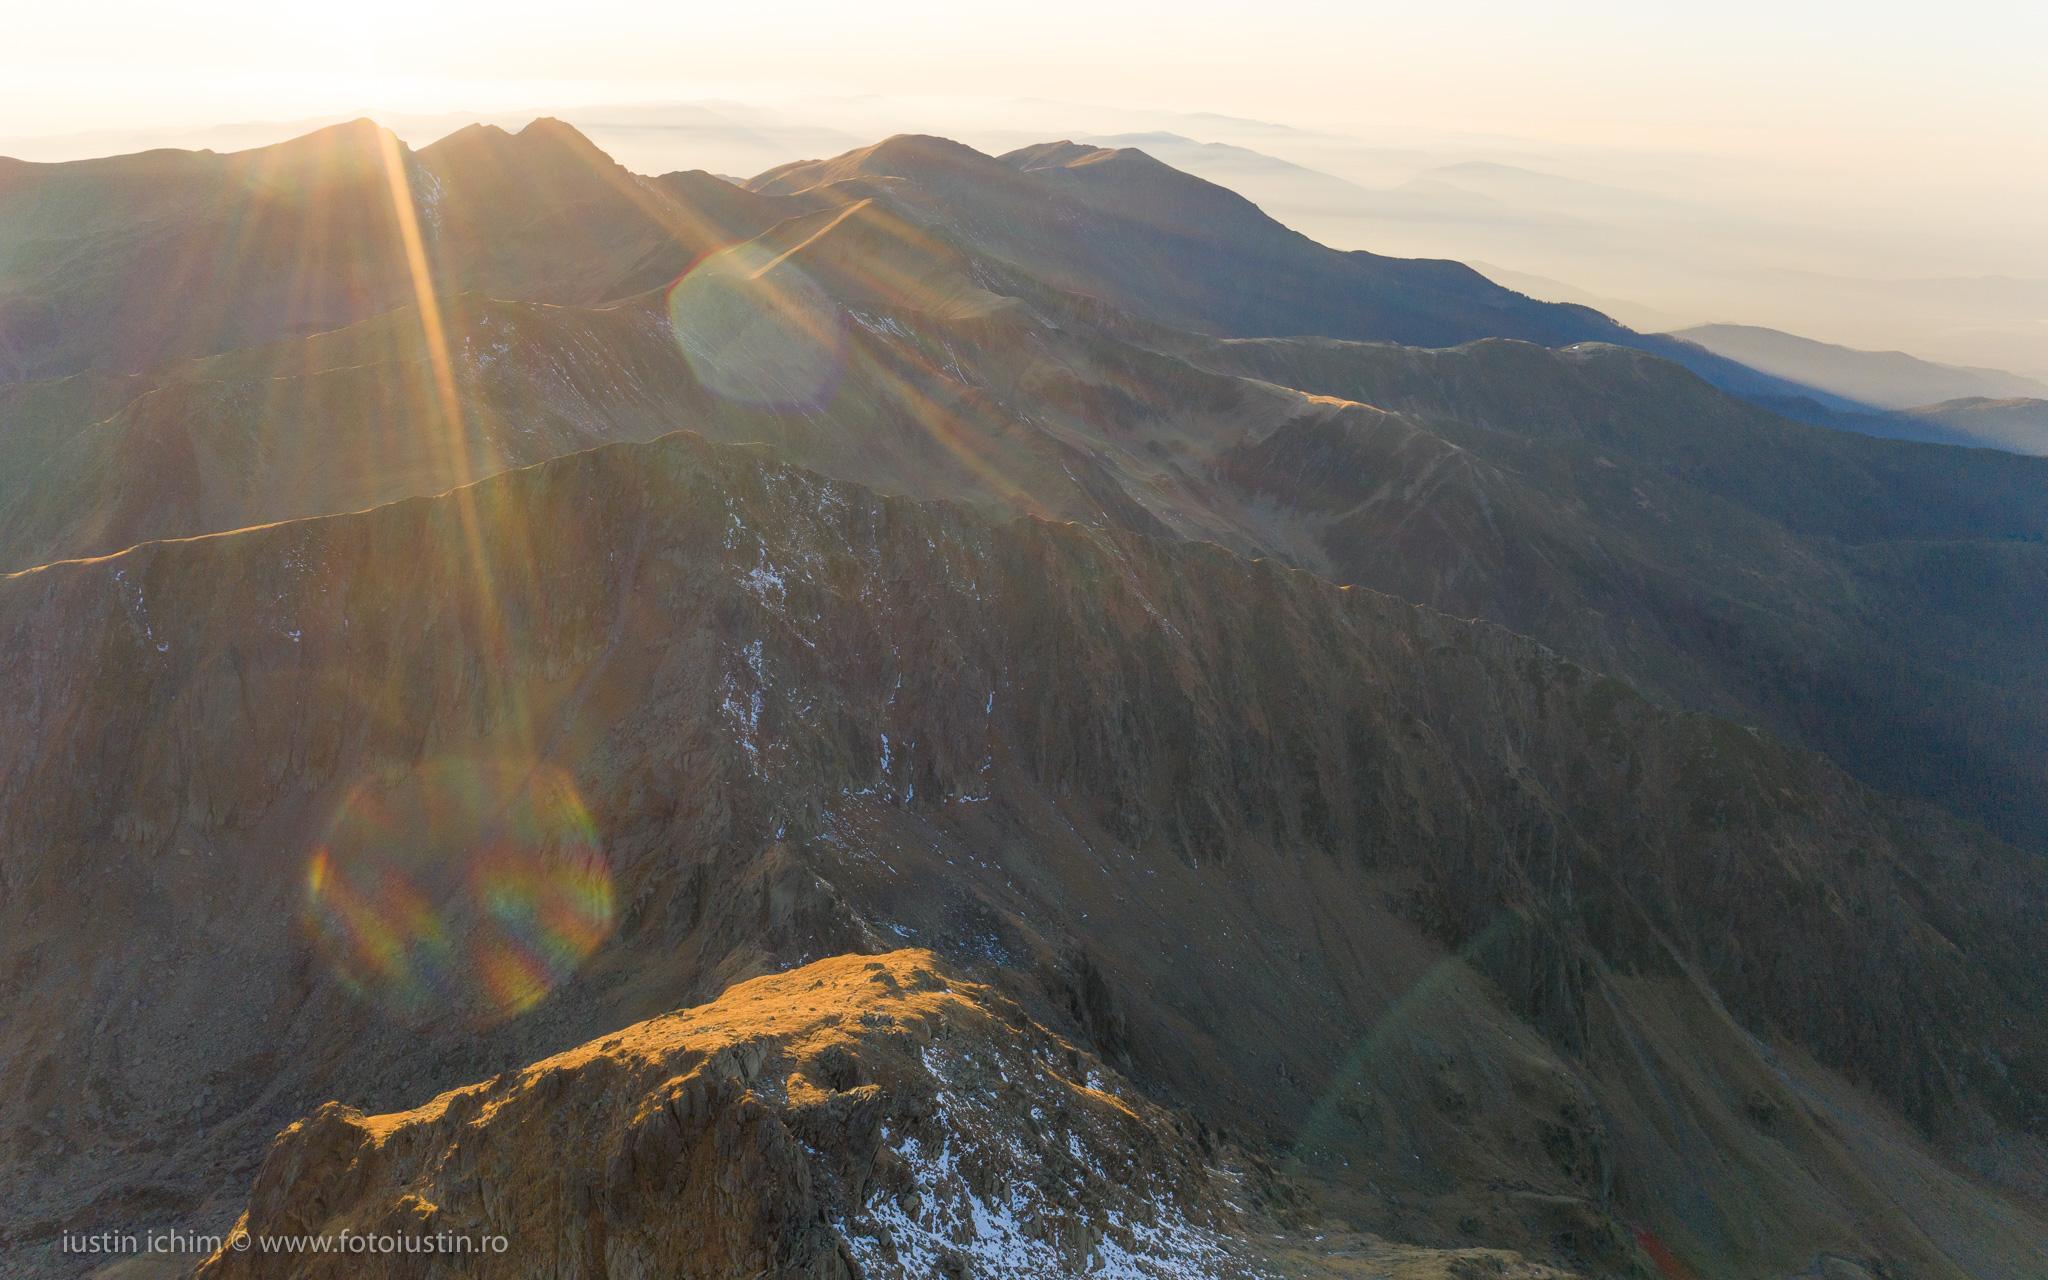 Munții Făgăraș, vedere aeriană